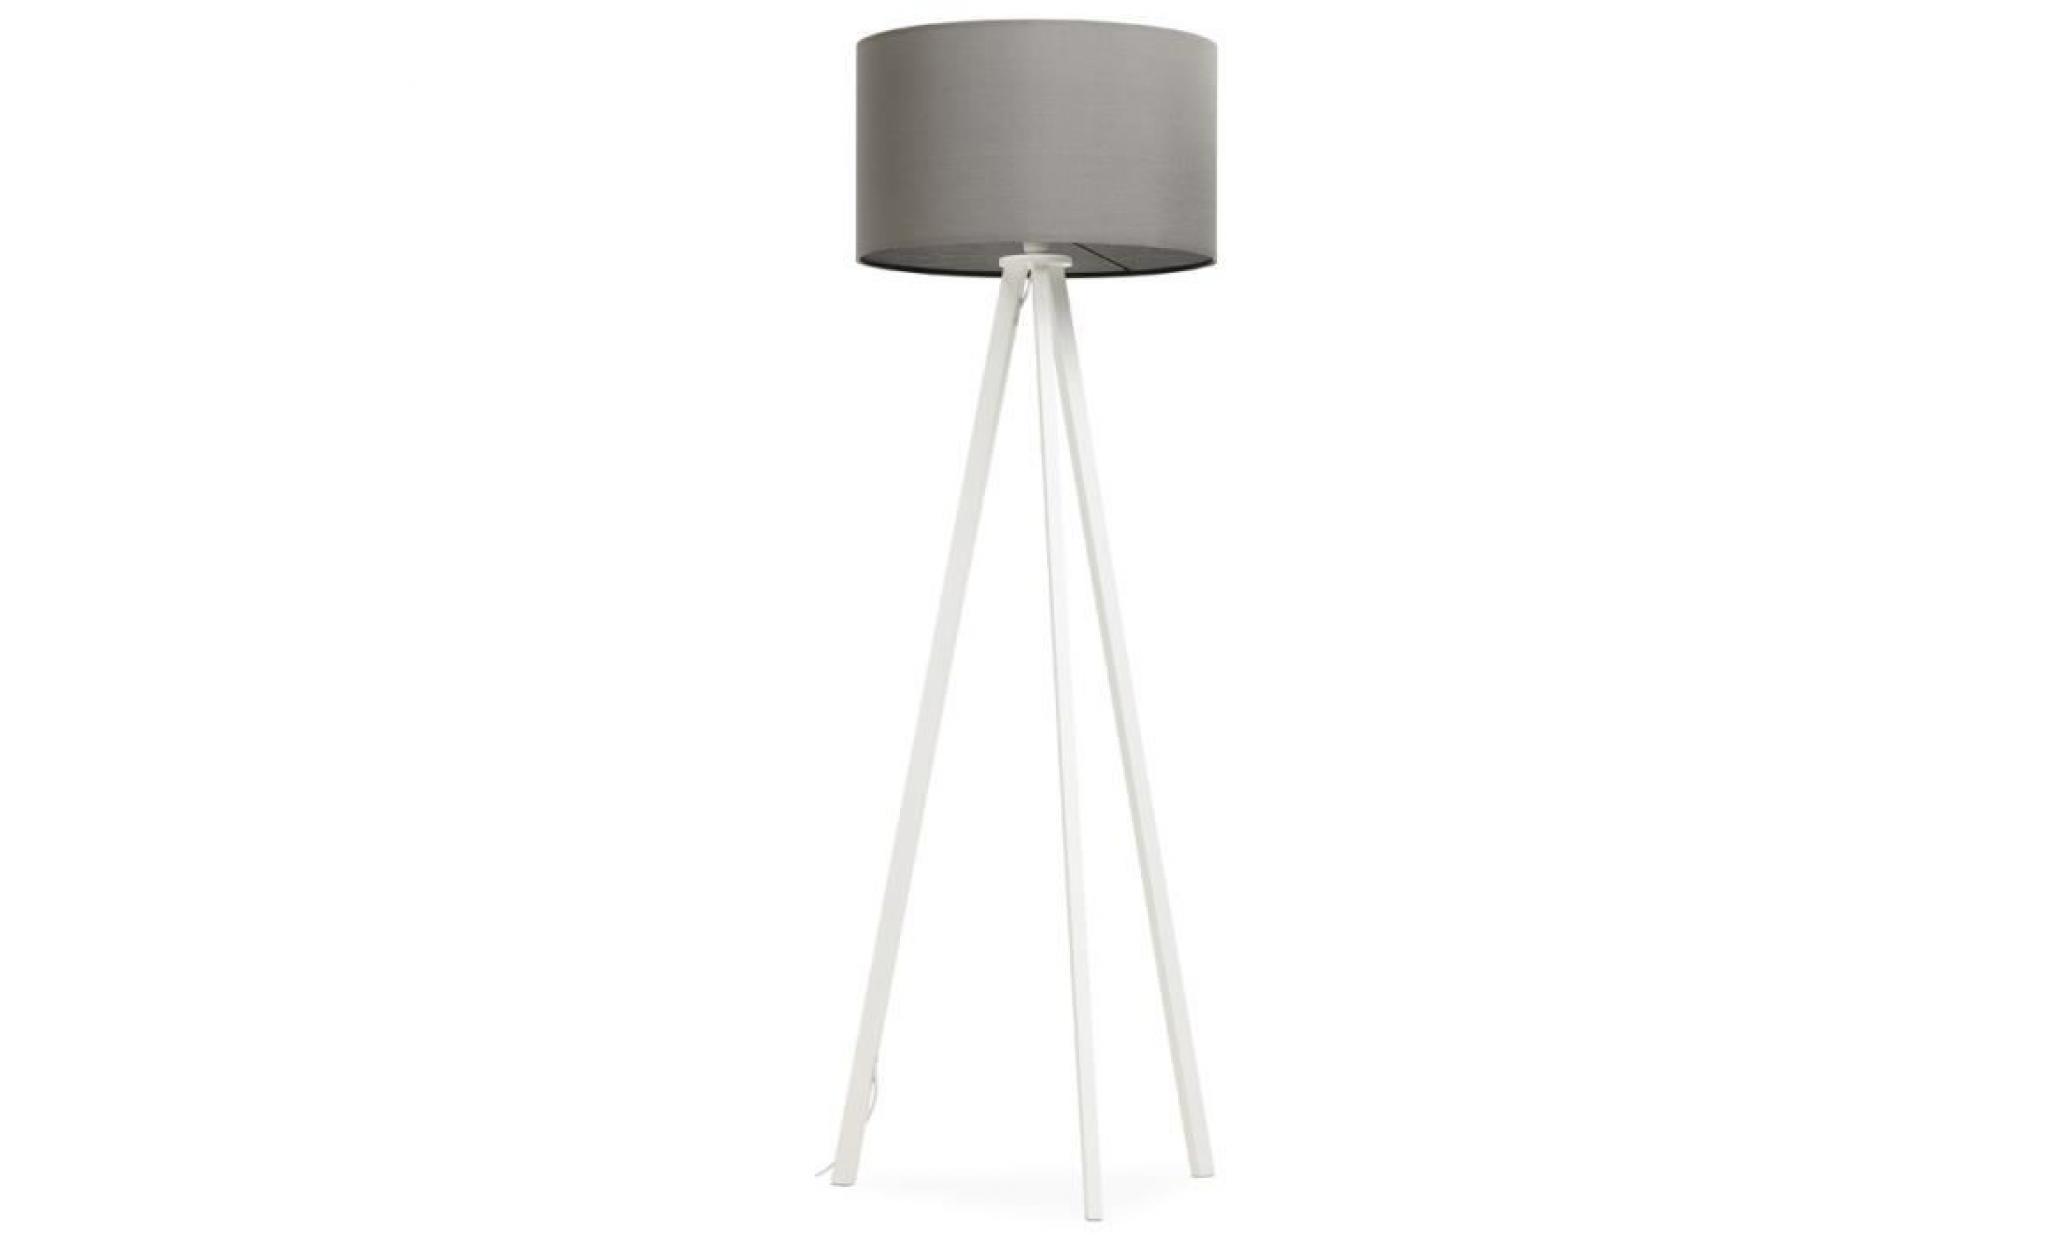 lampadaire tr pied 39 spring 39 avec abat jour gris et 3 pieds noirs achat vente lampadaire pas. Black Bedroom Furniture Sets. Home Design Ideas